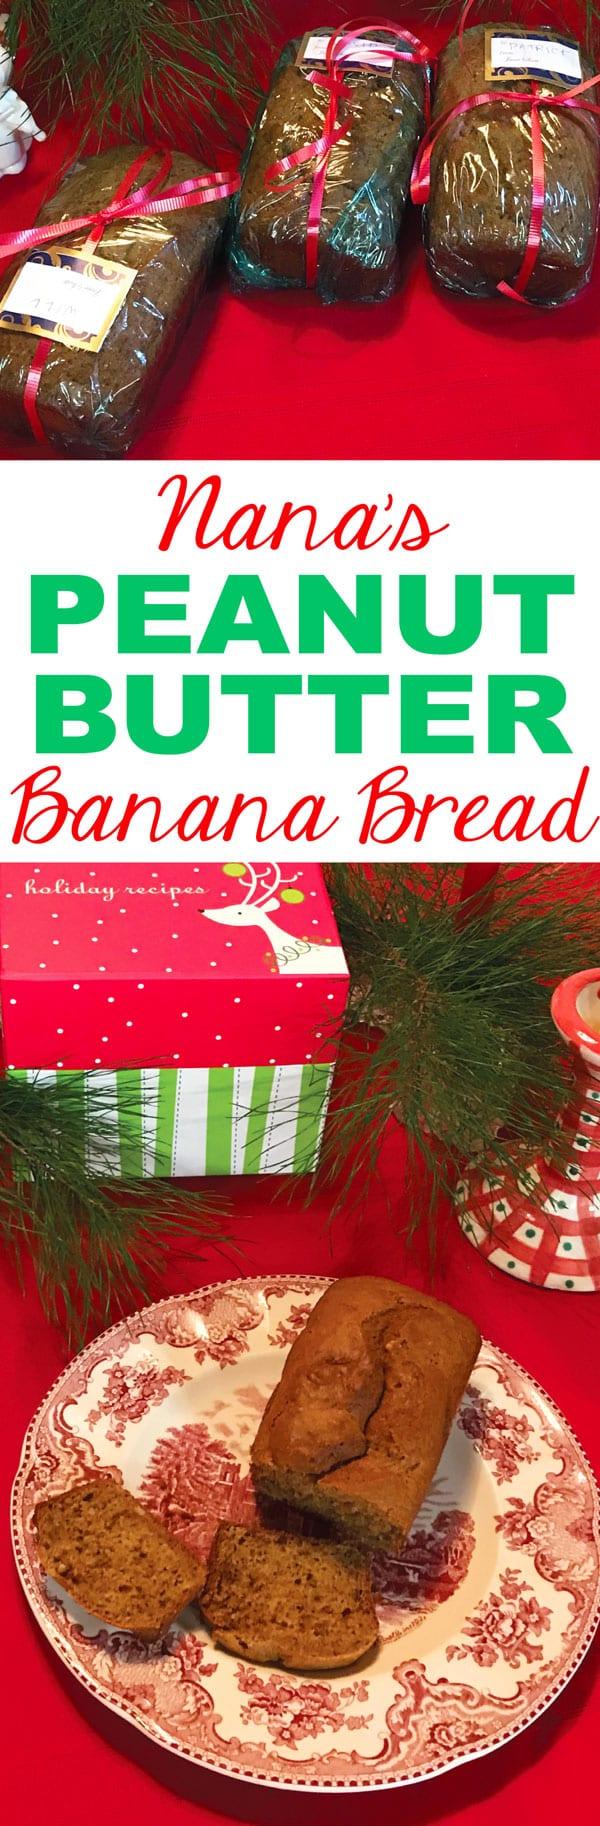 Nana's Peanut Butter Banana Bread